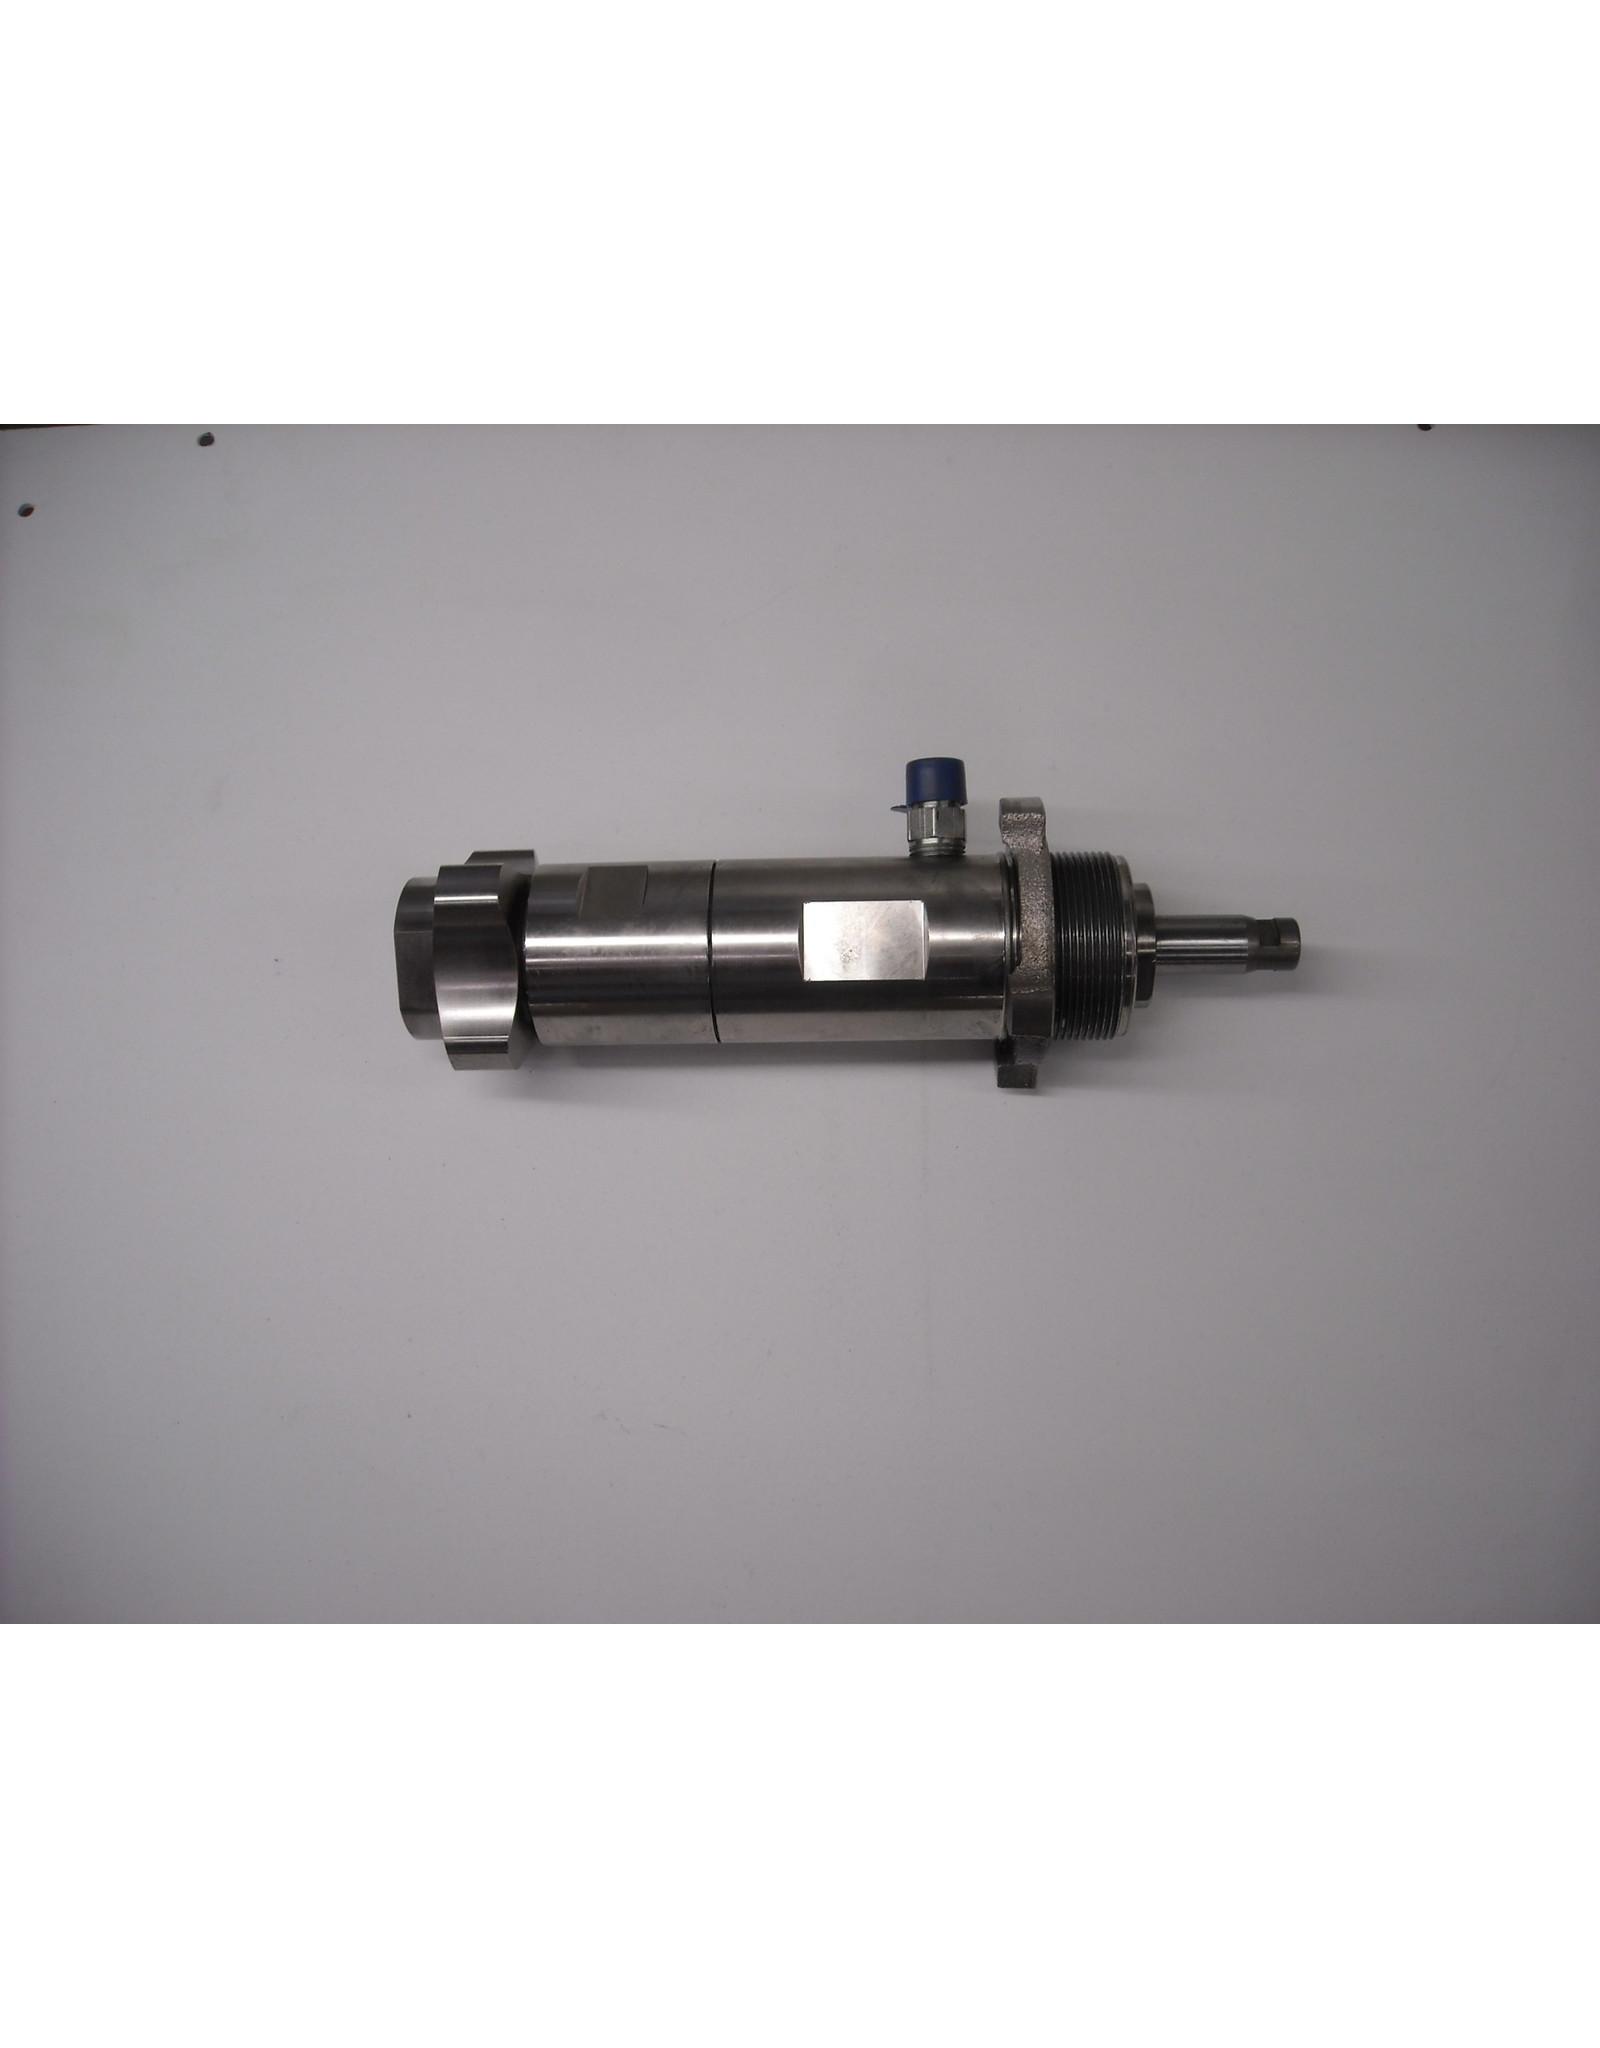 Titan 805-236A Fluid Pump, 840 Impact